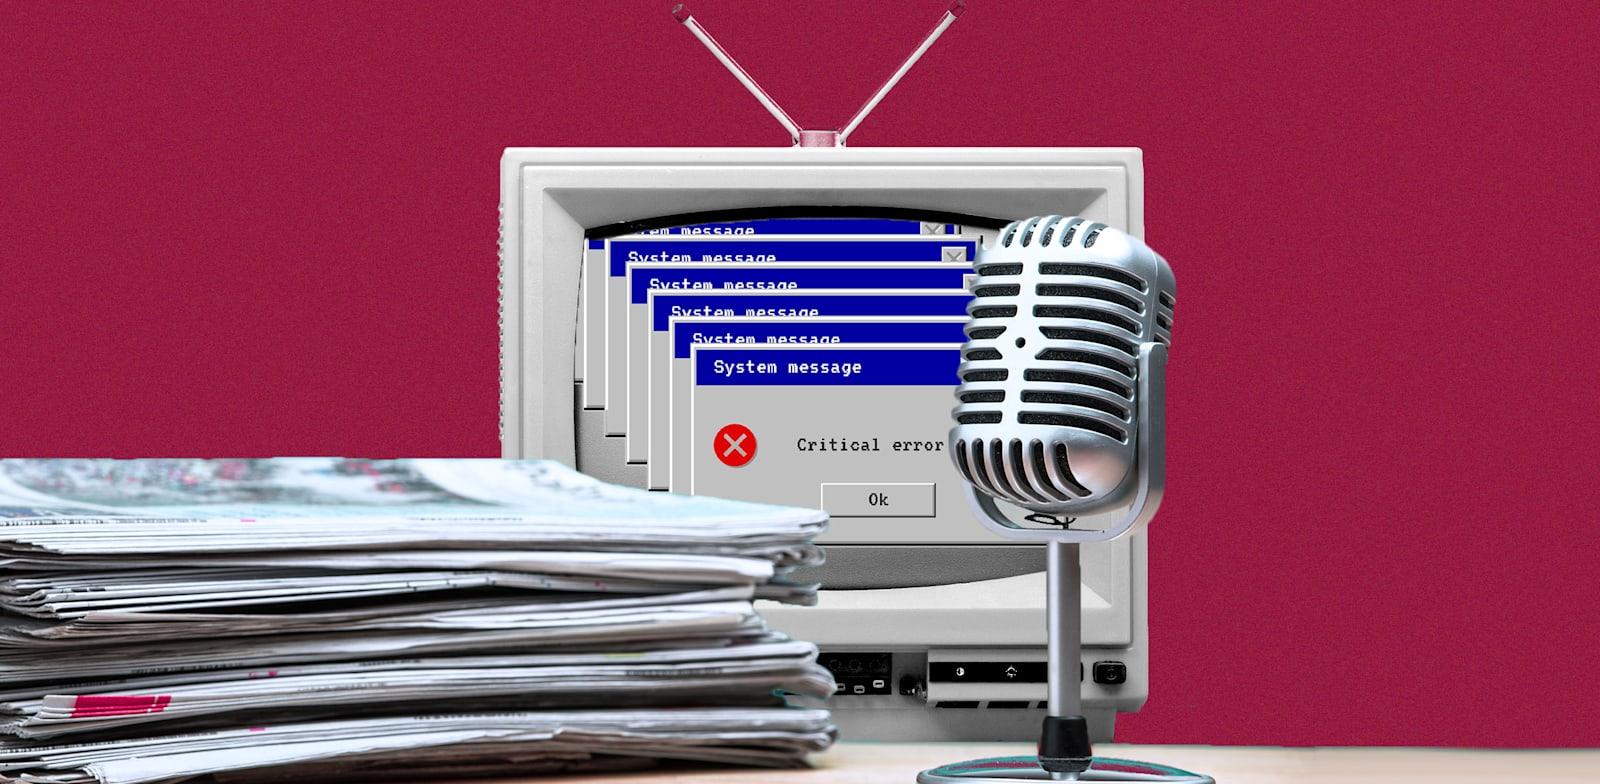 ביקורת תקשורת / עיבוד: טלי בוגדנובסקי